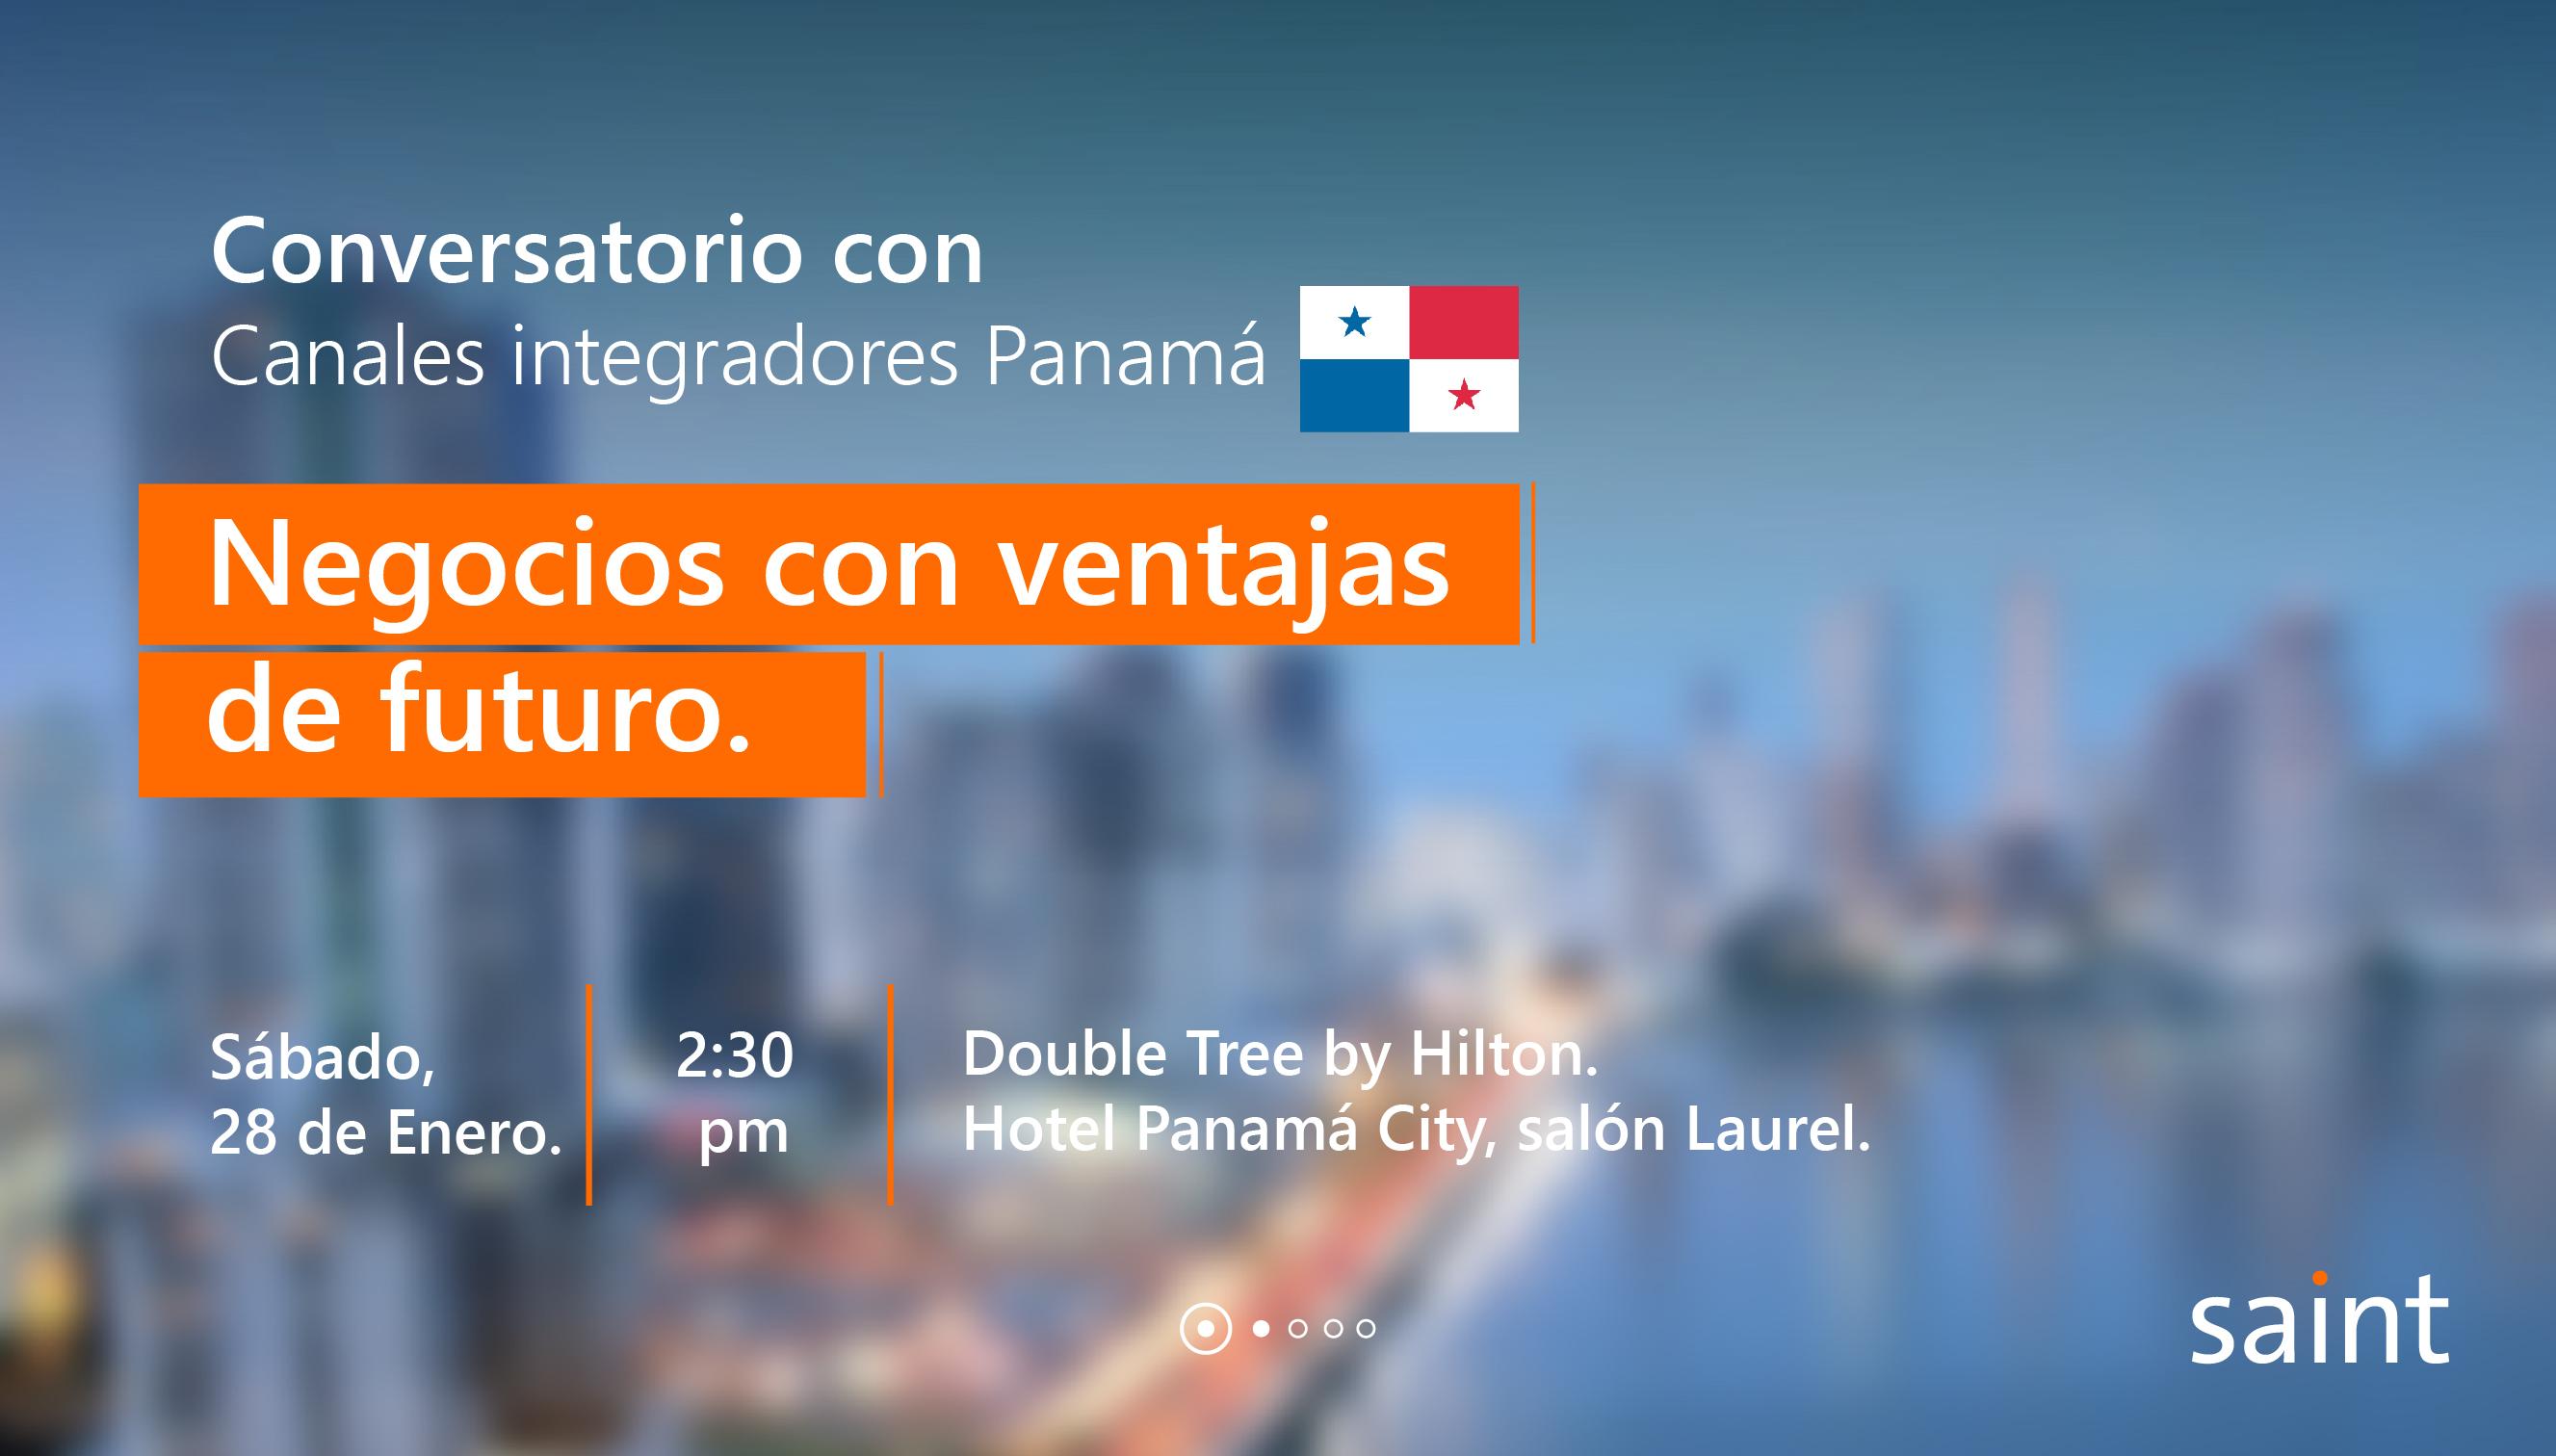 Reunión con canales integradores de Panamá